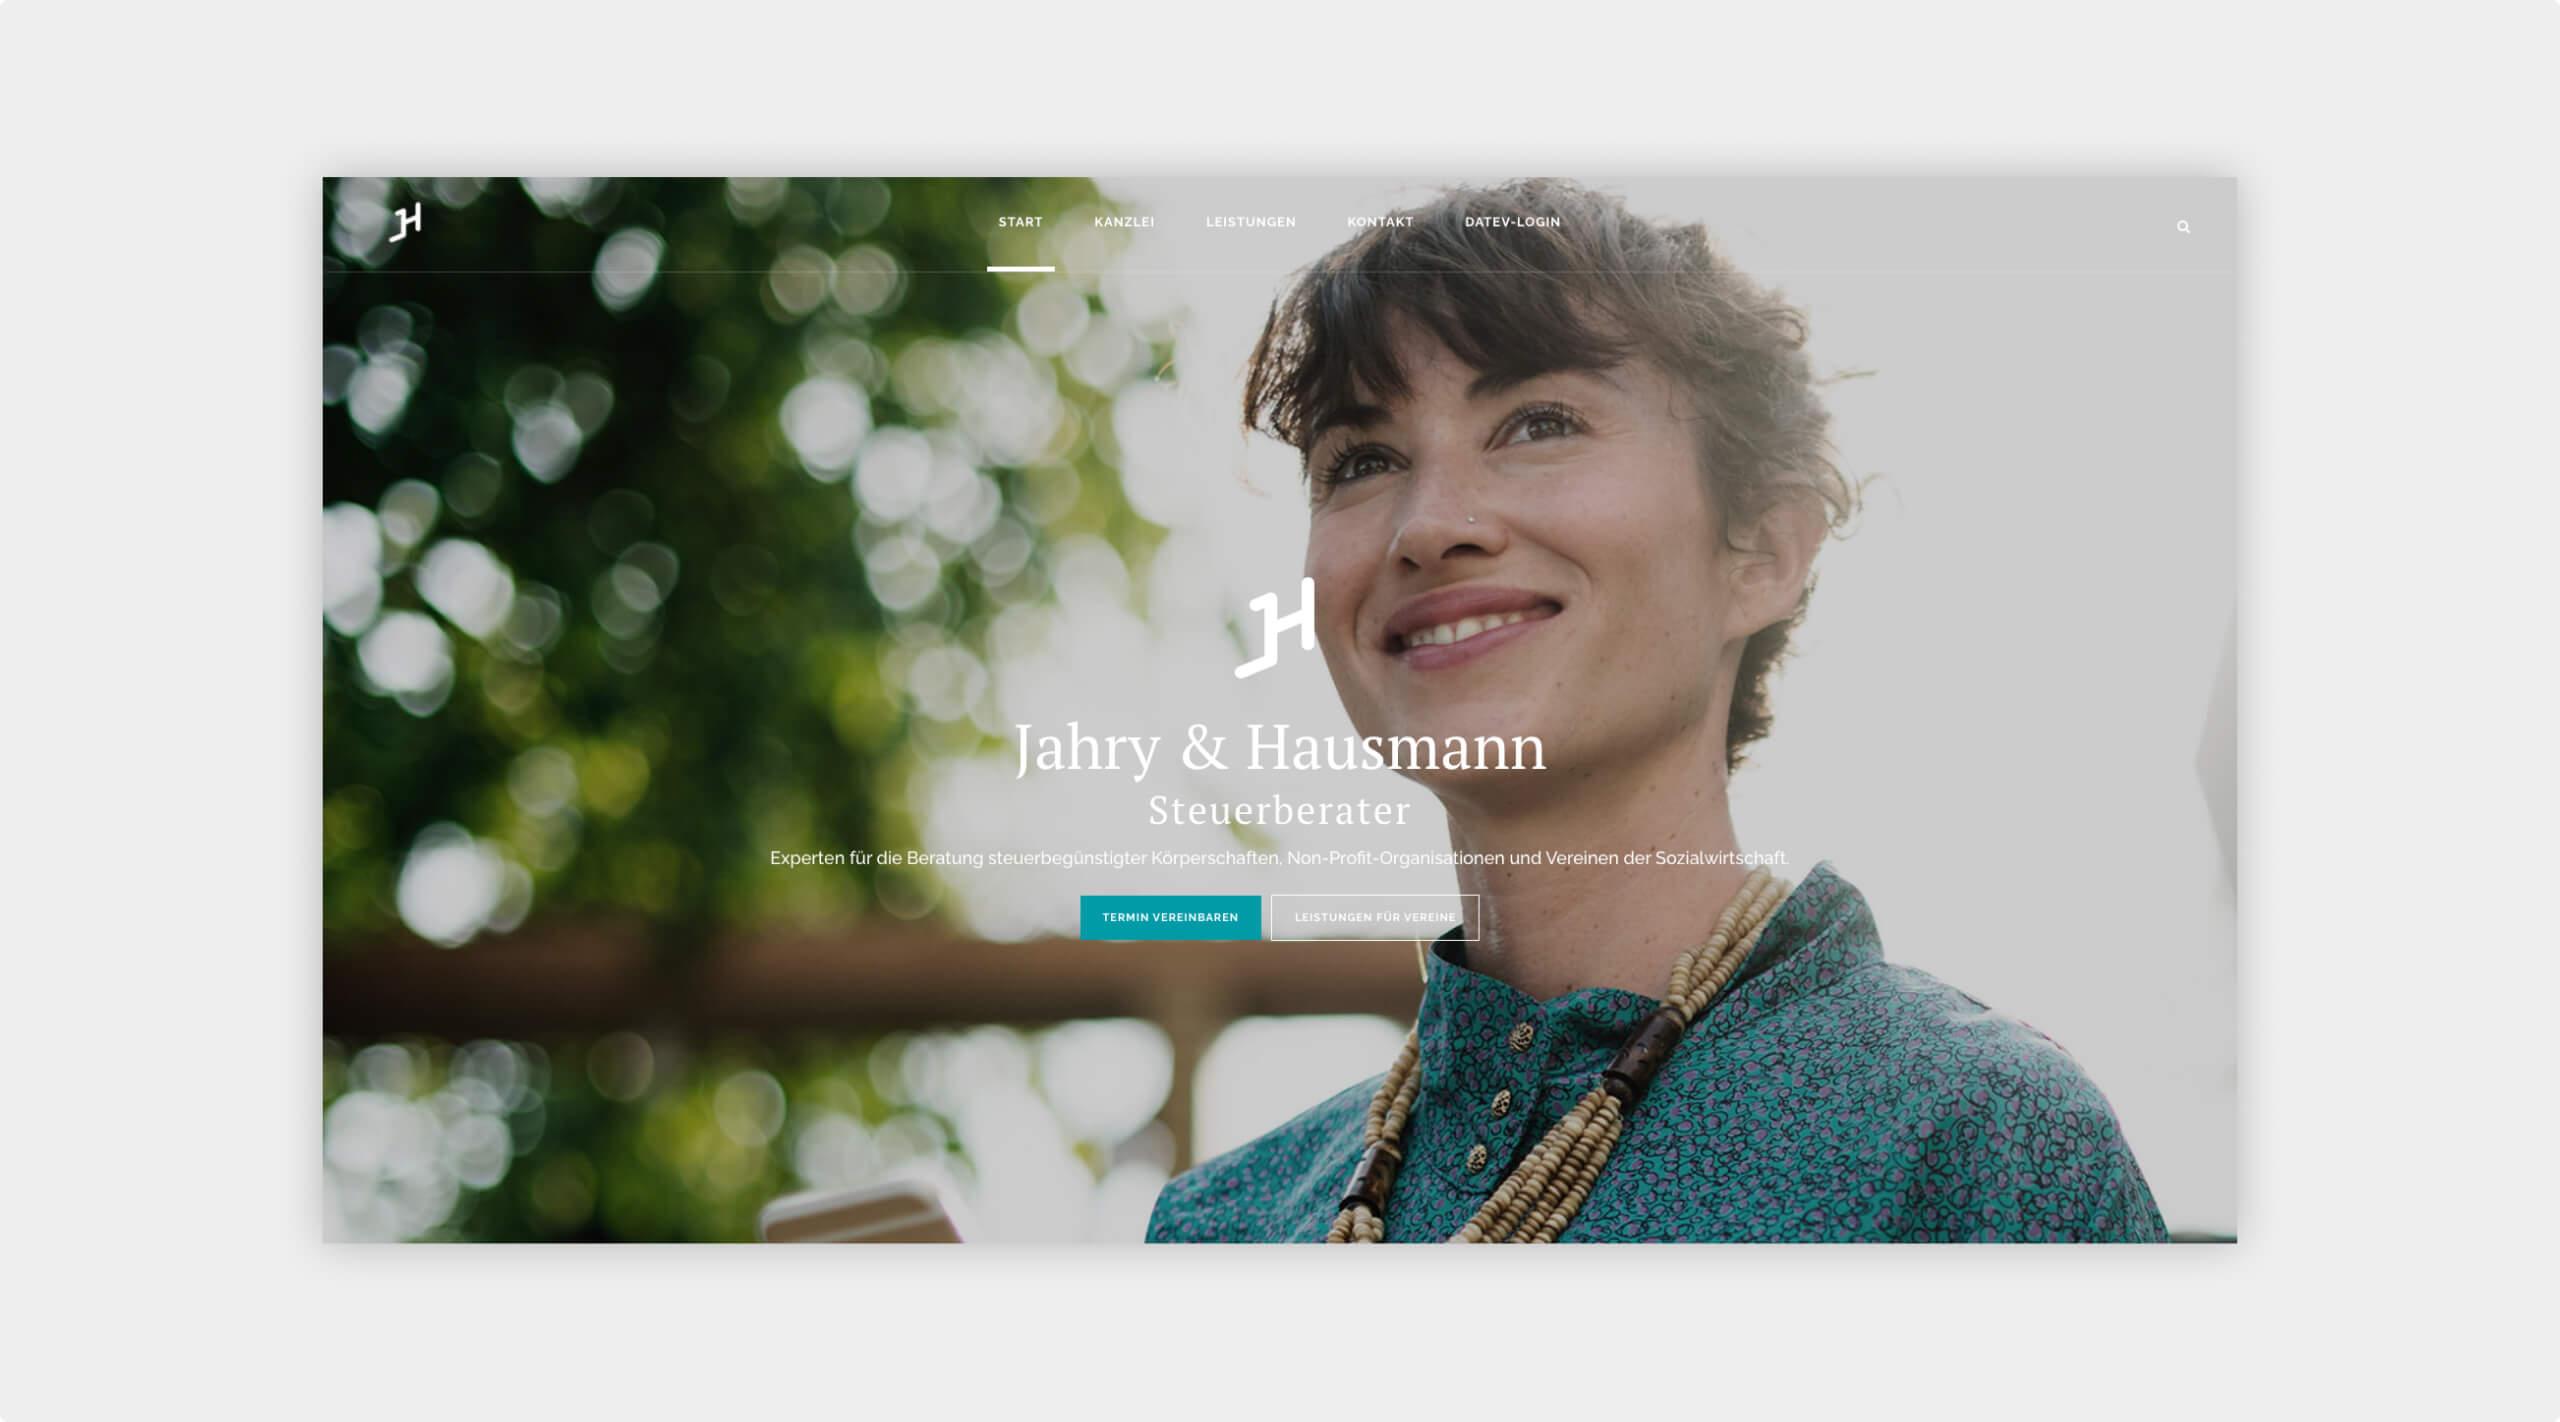 Screenshot der Startseite auf der Website von Steuerberatung Jahry & Hausmann. Lächelnde Frau im Hintergrund mit Logo und kurzem Einleiter in der Mitte.